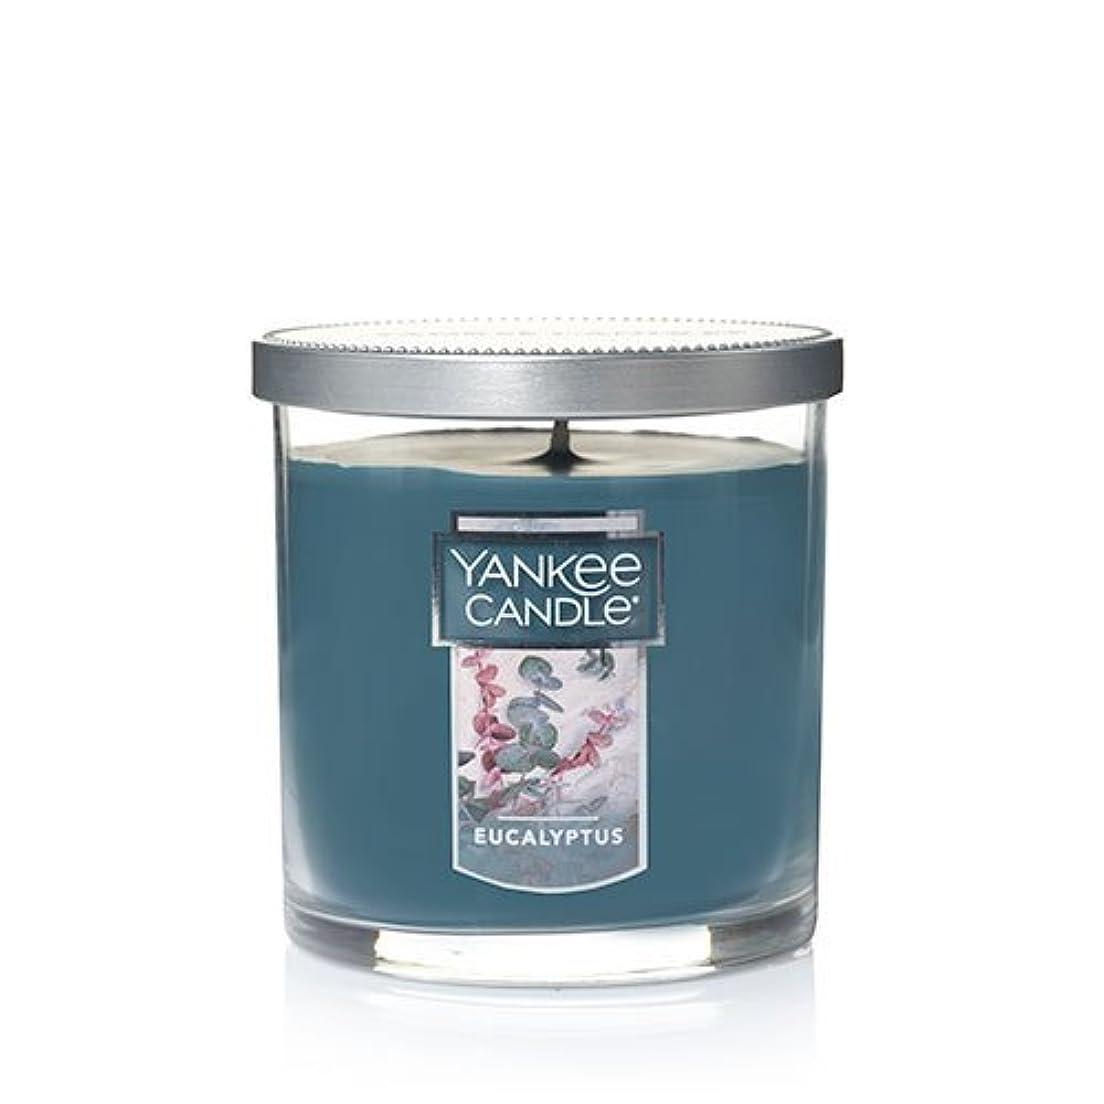 淡いフェンスクリームYankee Candleユーカリ、新鮮な香り Small Single Wick Tumbler Candle グリーン 1185969Z